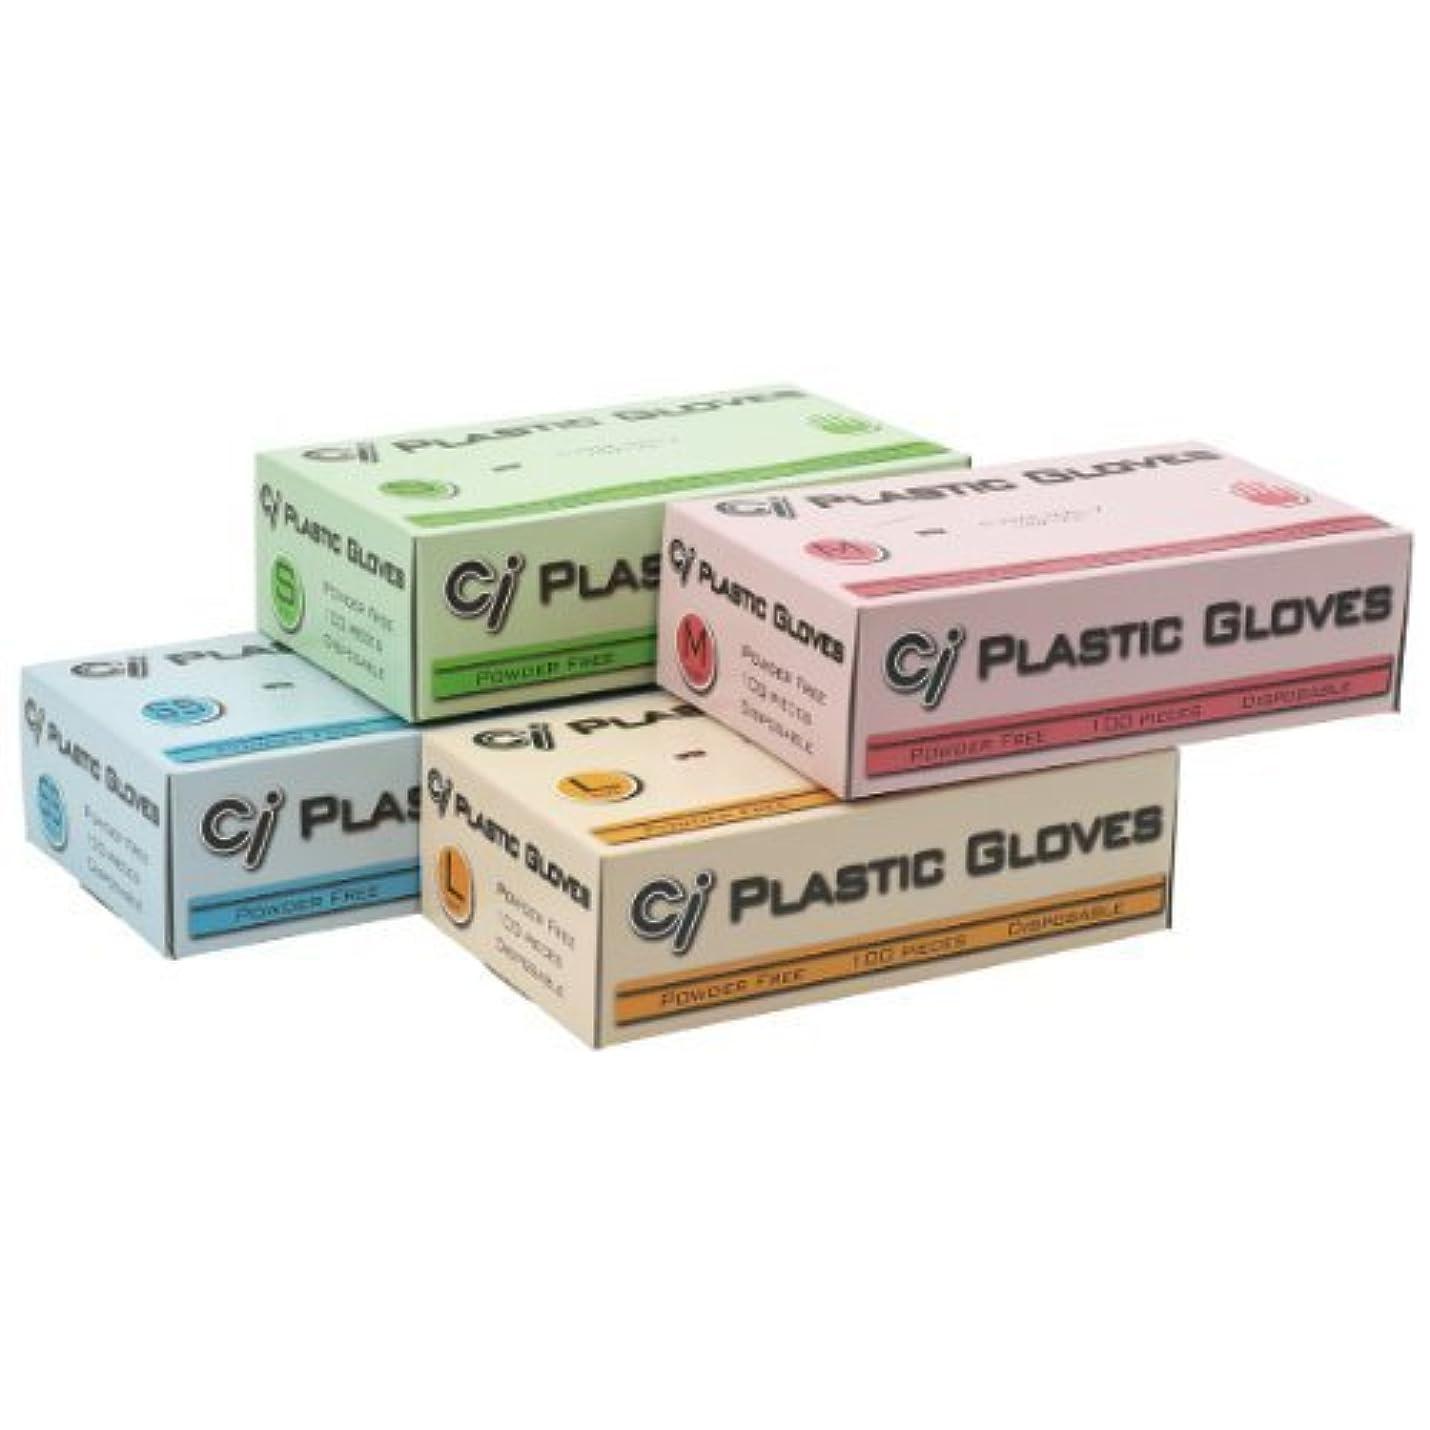 残りおそらく吸収Ci プラスチックグローブ(パウダーフリー)Mサイズ 1箱(100枚入) ※返品不可